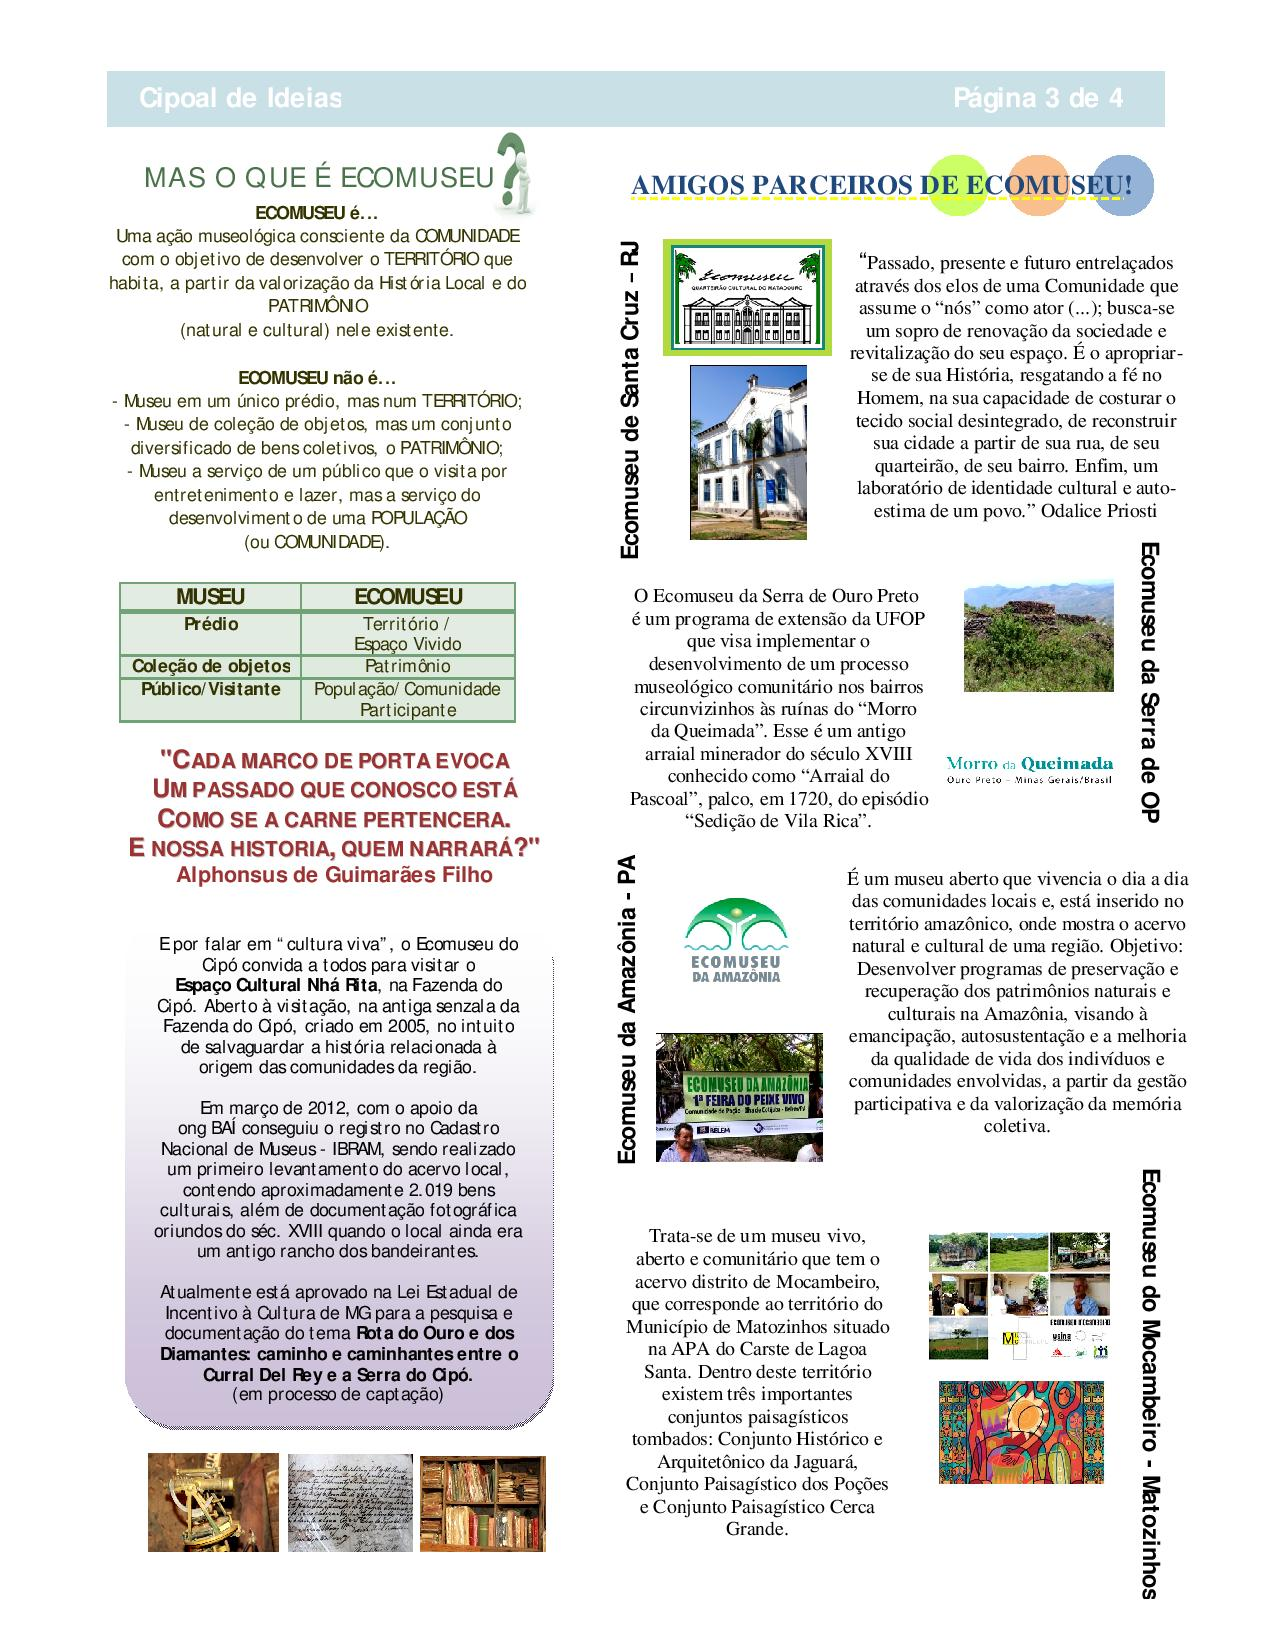 Boletim Cipoal de Ideias - Ecomuseu do Cipó-page-003